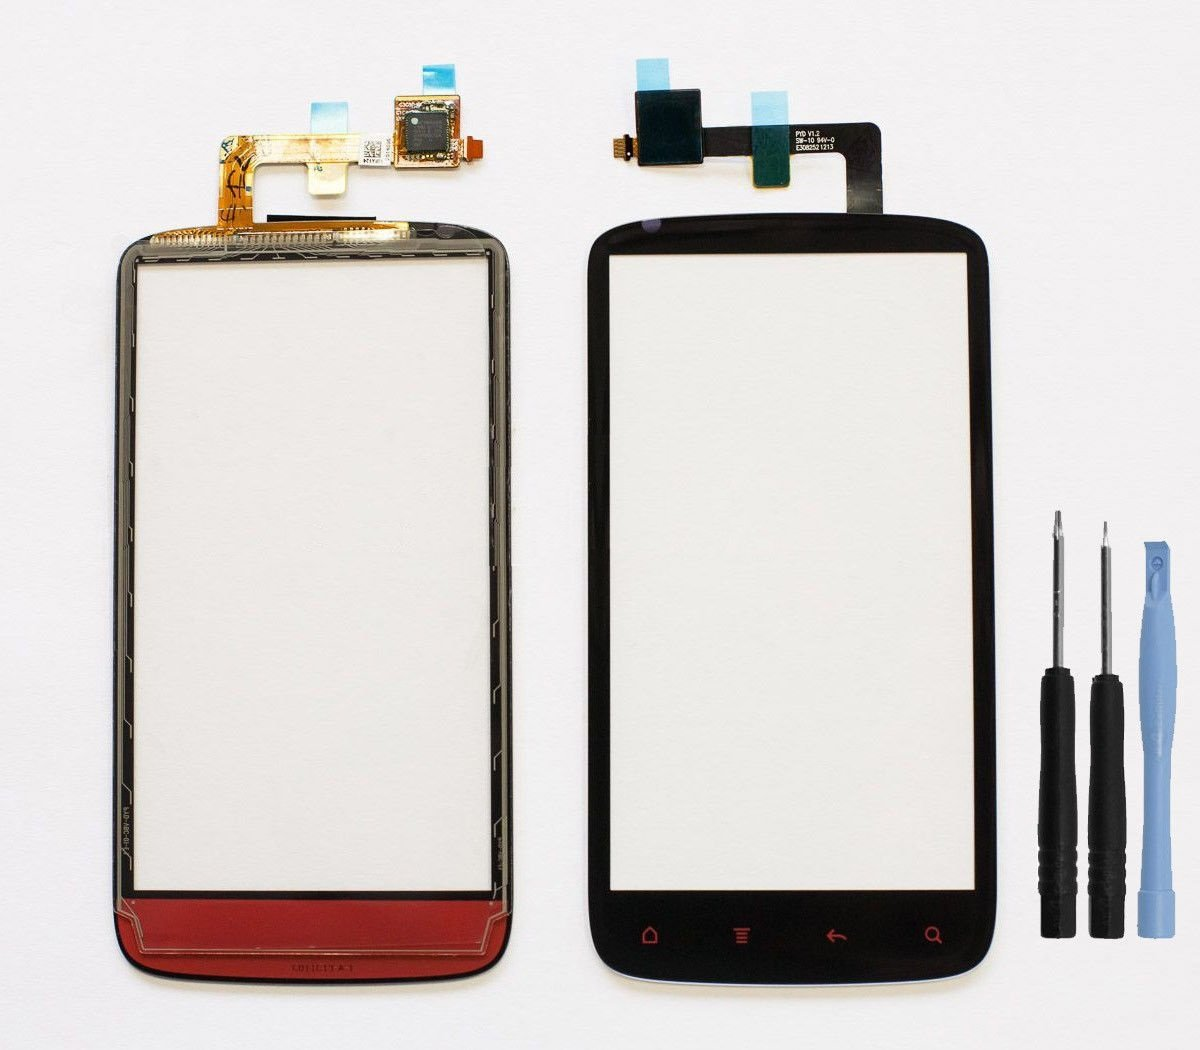 HTC Sensation XE 4G G18 Glass Touch Screen Digitizer Repair Replacement Lens